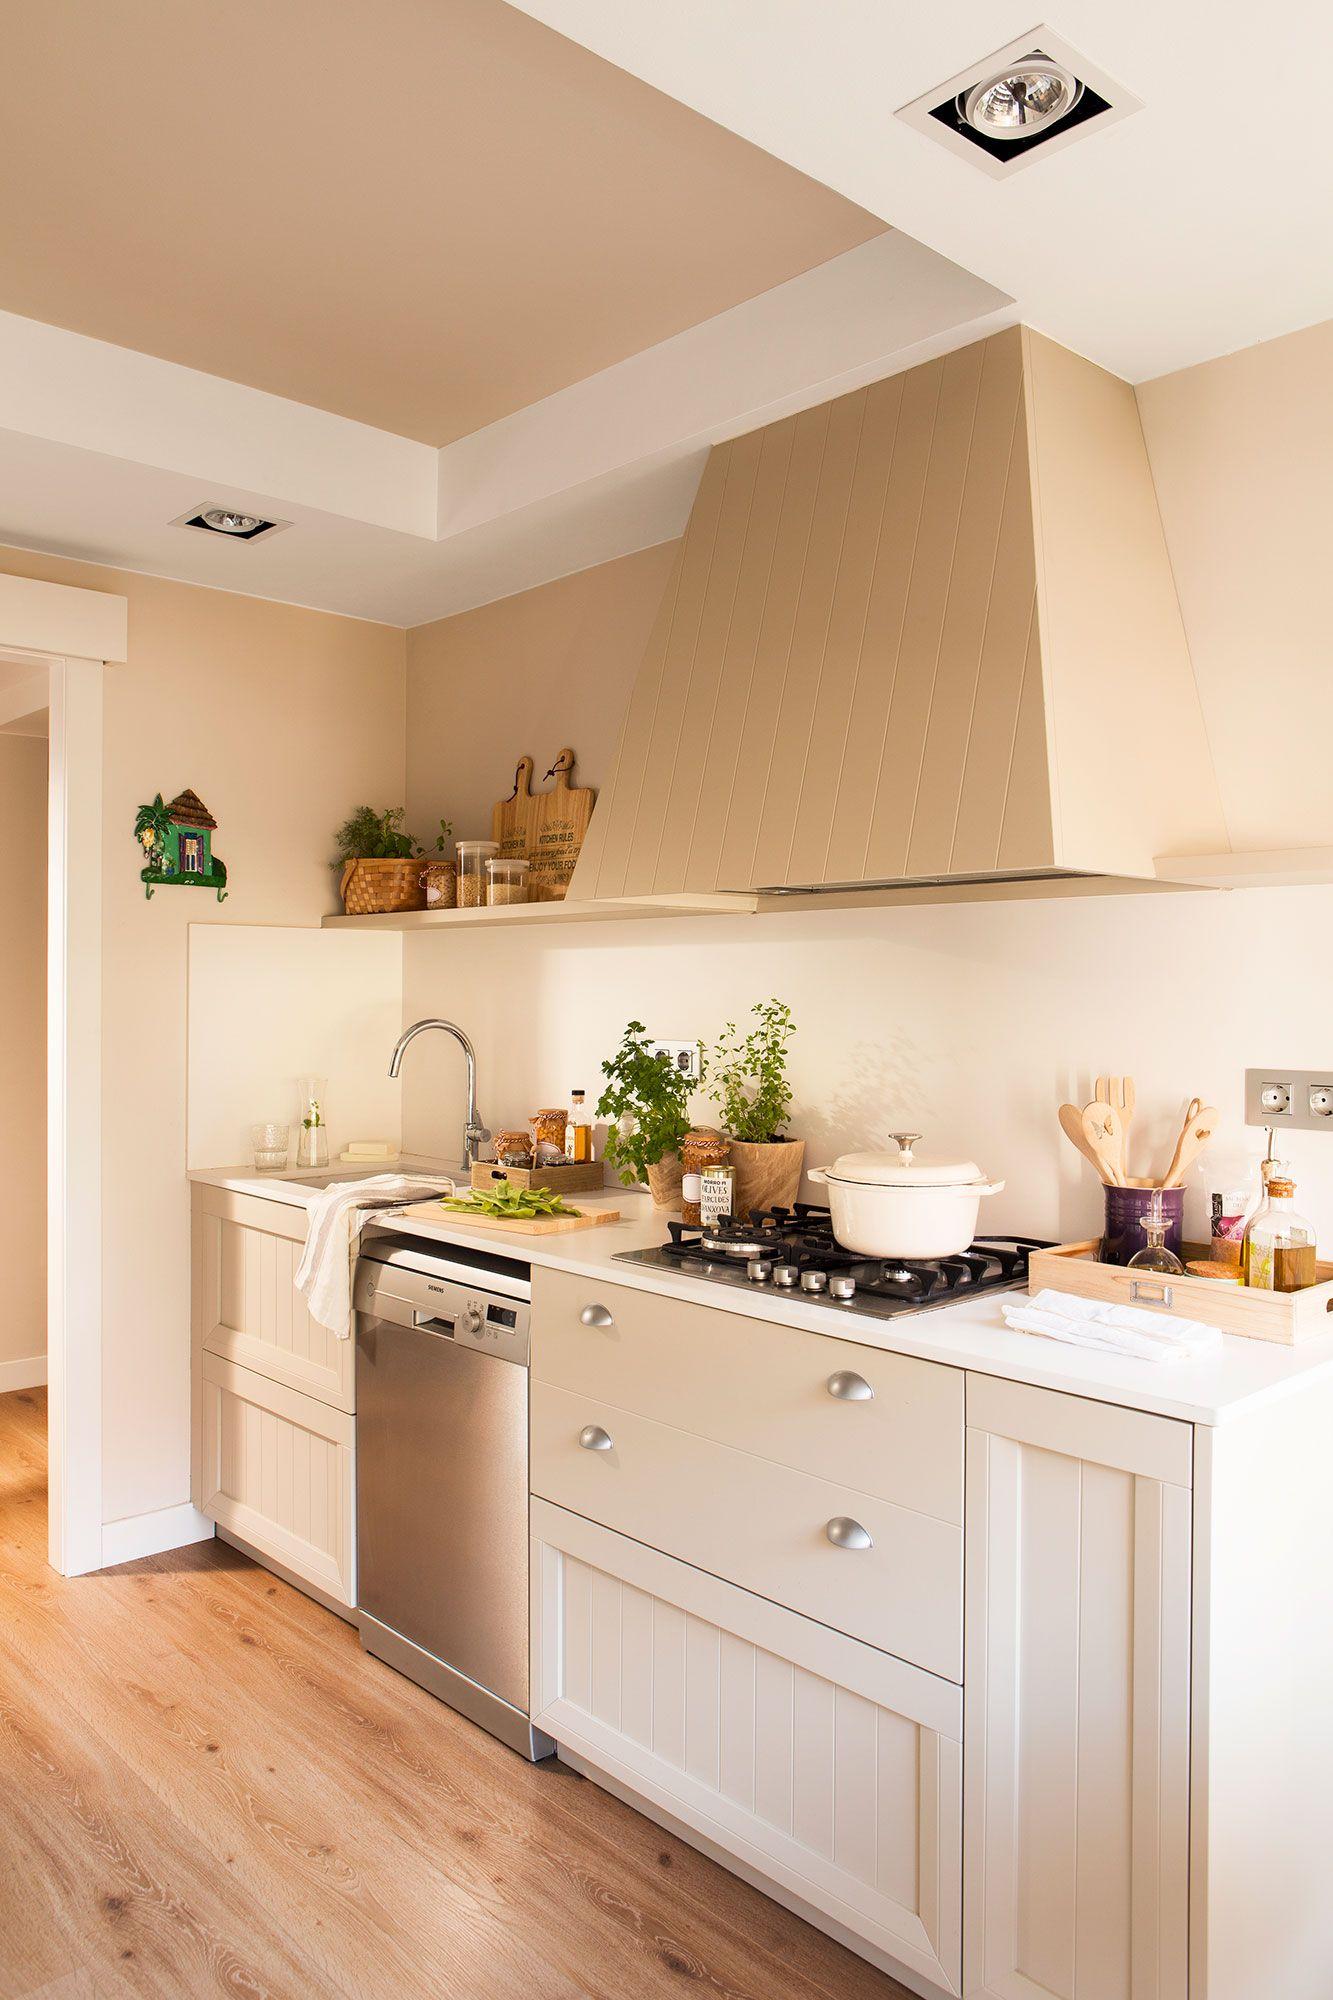 Cocina peque a con paredes y mobiliario en beige y for Cocinas blancas pequenas